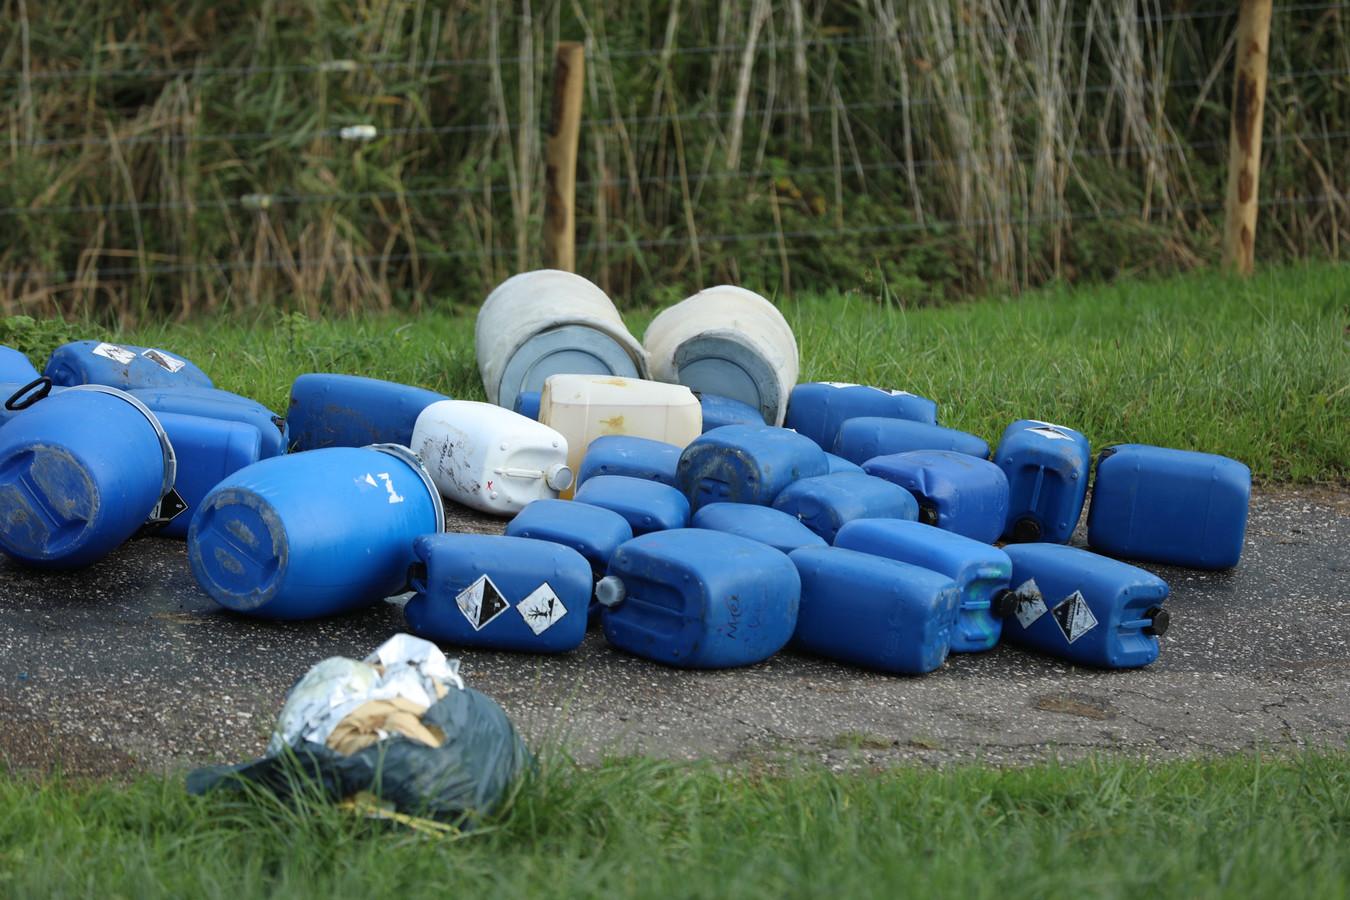 Vaten met mogelijk drugsafval zijn gedumpt langs de Drielsedijk in Arnhem, in uiterwaardenpark Meinerswijk.